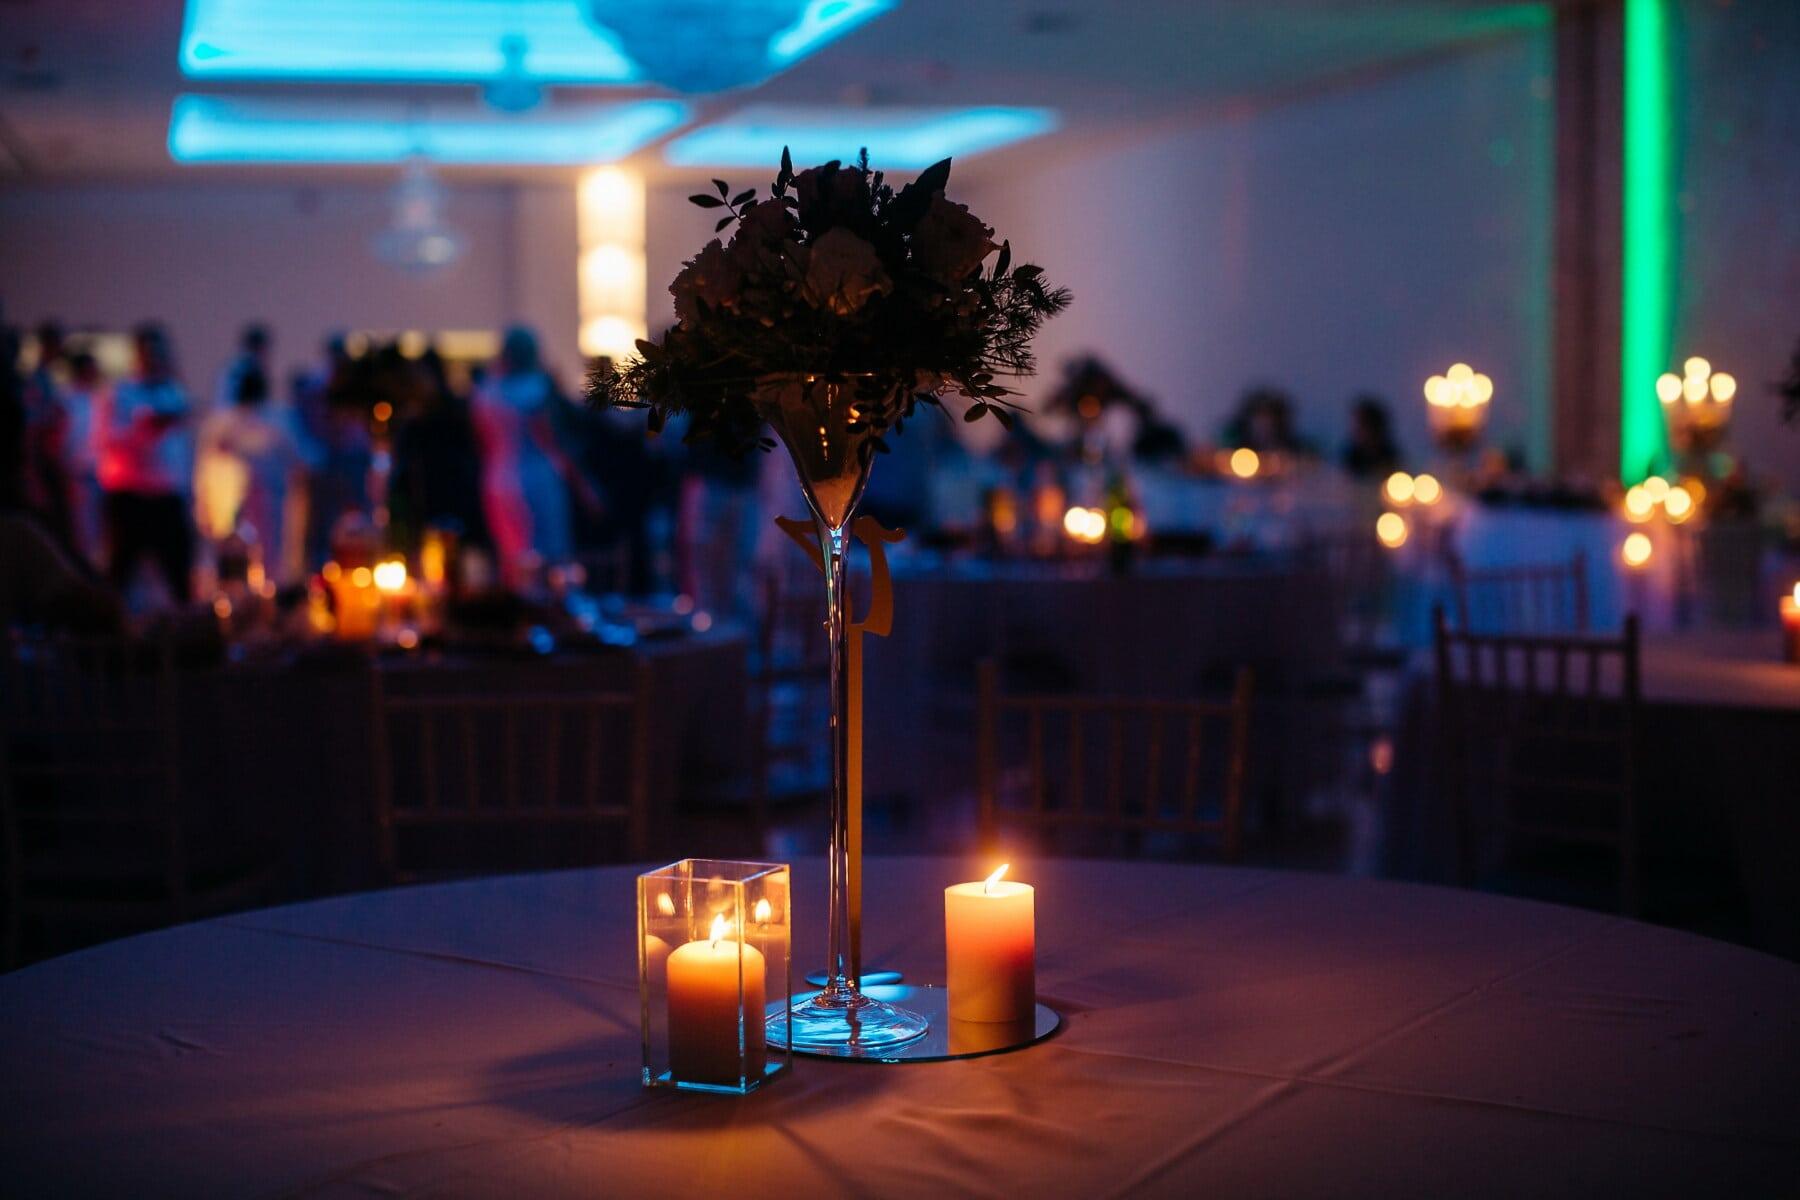 hôtel, romantique, aux chandelles, bougies, atmosphère, événement, parti, fantaisie, lumière, soirée